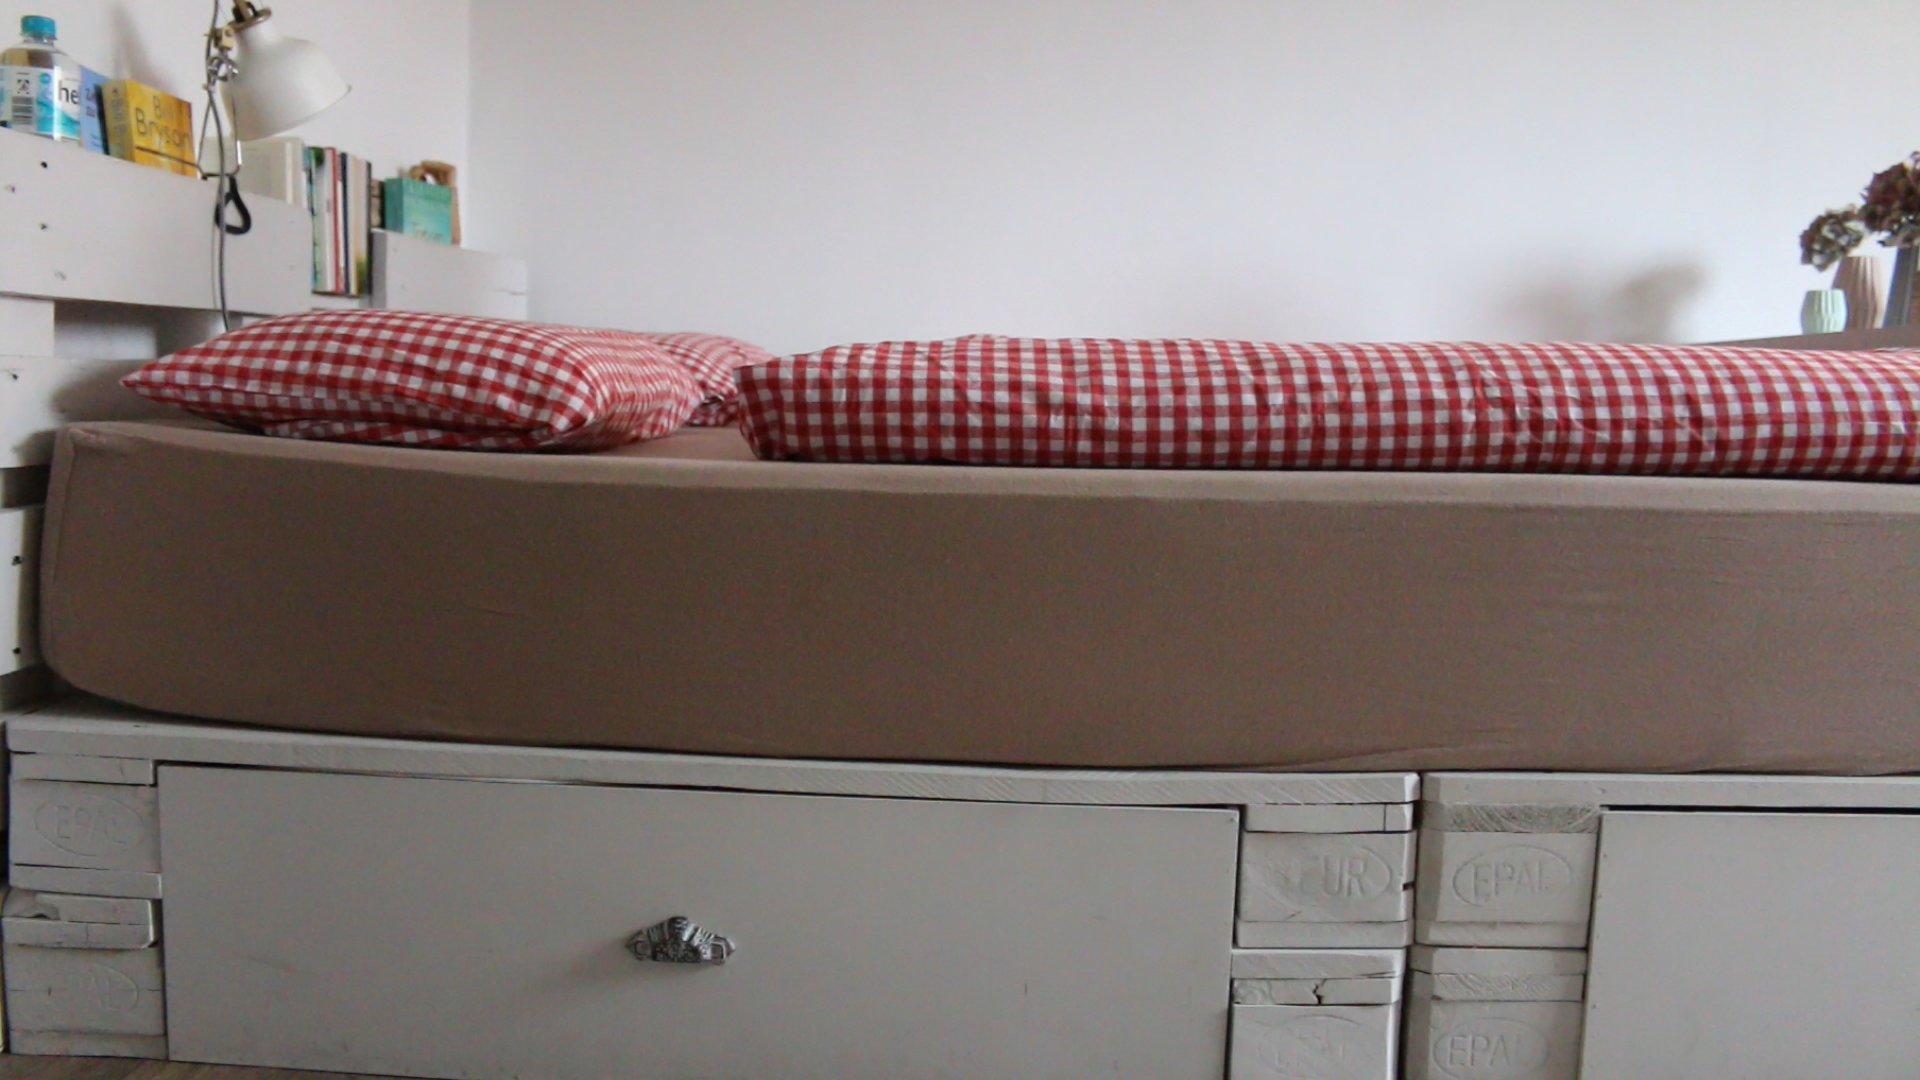 Full Size of Bett Aus Europaletten Selber Bauen 90x200 Paletten Mit Lattenrost Erfahrungen Anleitung Palettenbett Kaufen Betten Französische Konfigurieren Weiß Schubladen Wohnzimmer Bett Aus Paletten